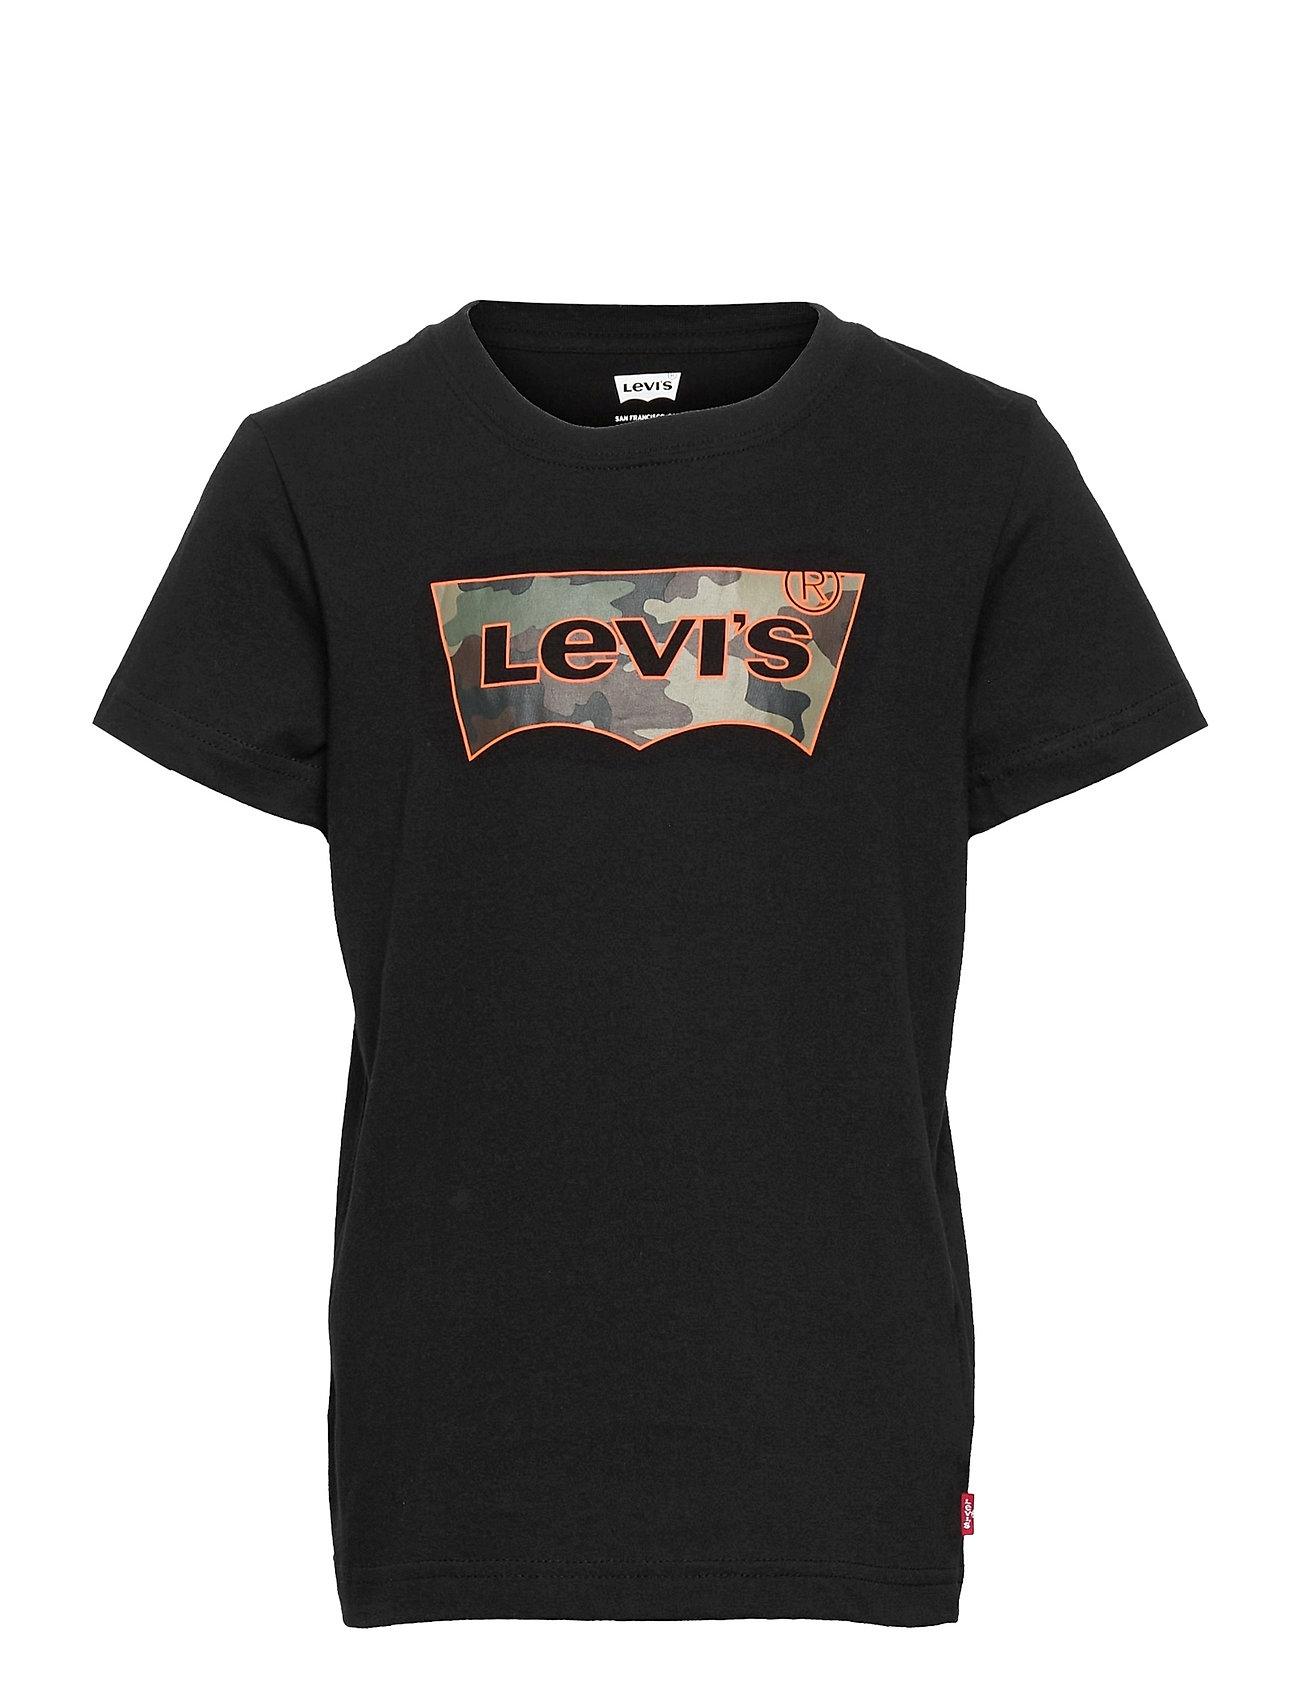 Lvb Short Slv Graphic Te Shirt T-shirt Sort Levi's